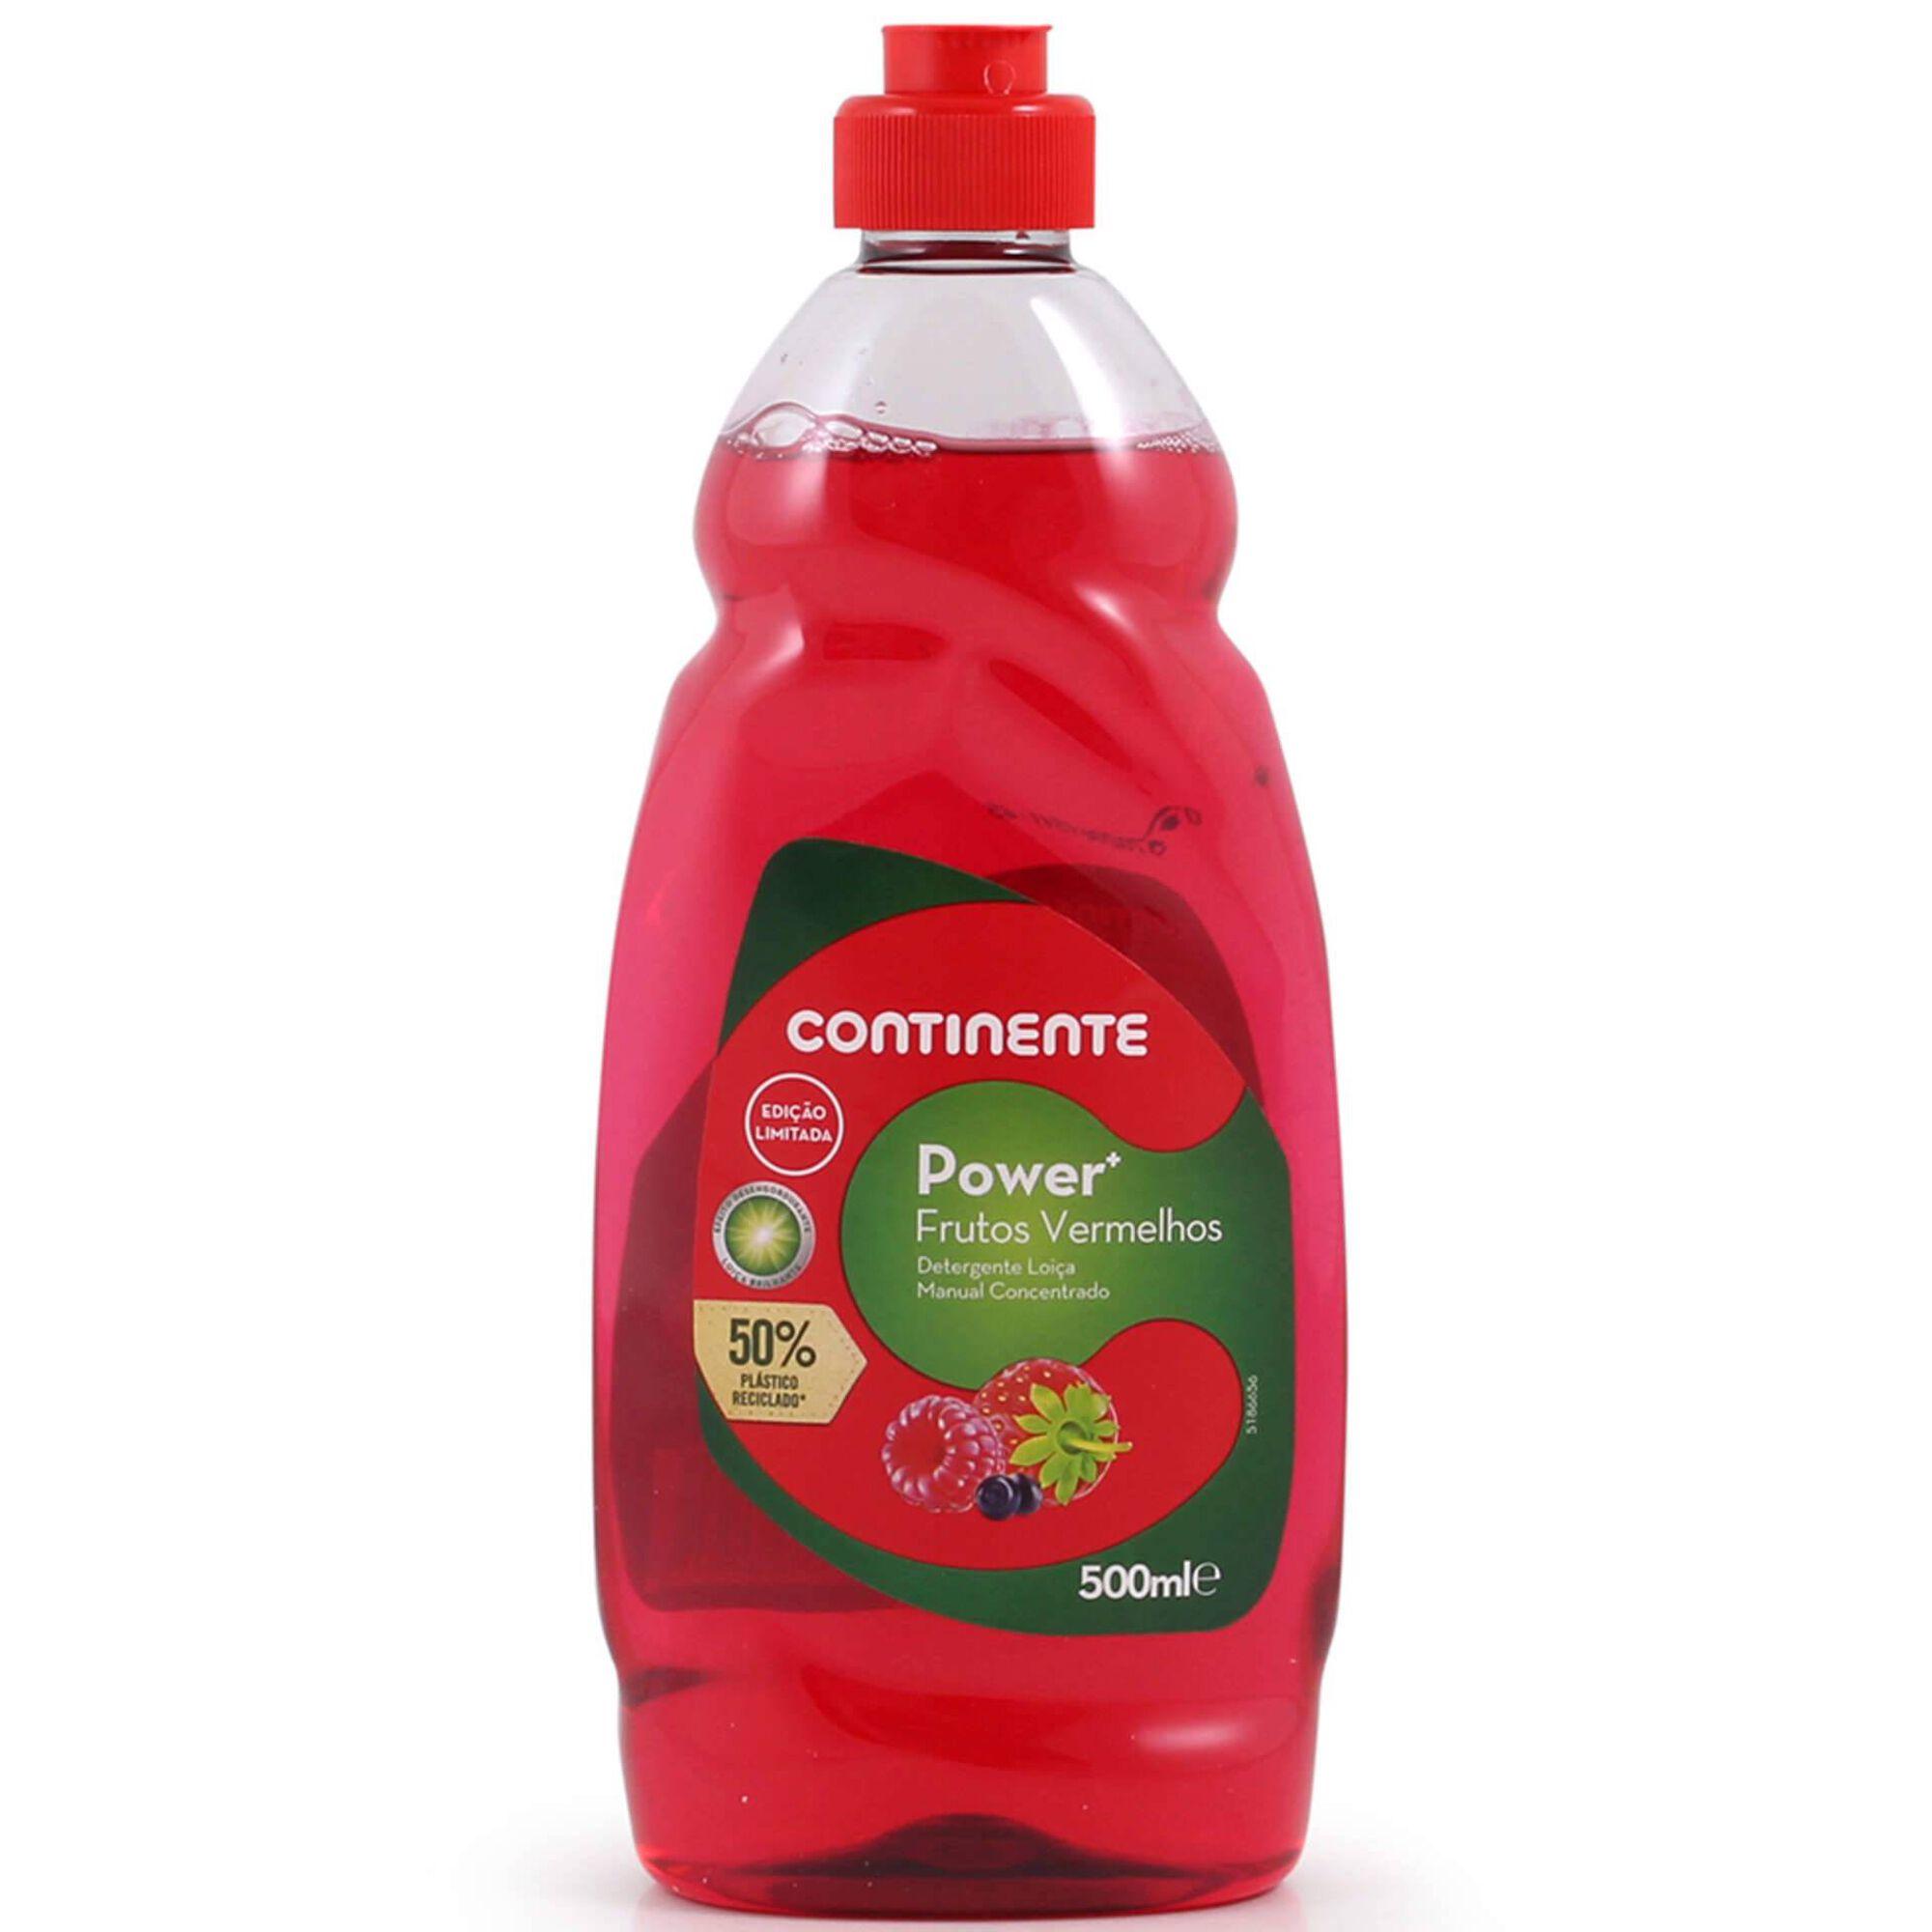 Detergente Manual Loiça Concentrado Power+ Frutos Vermelhos